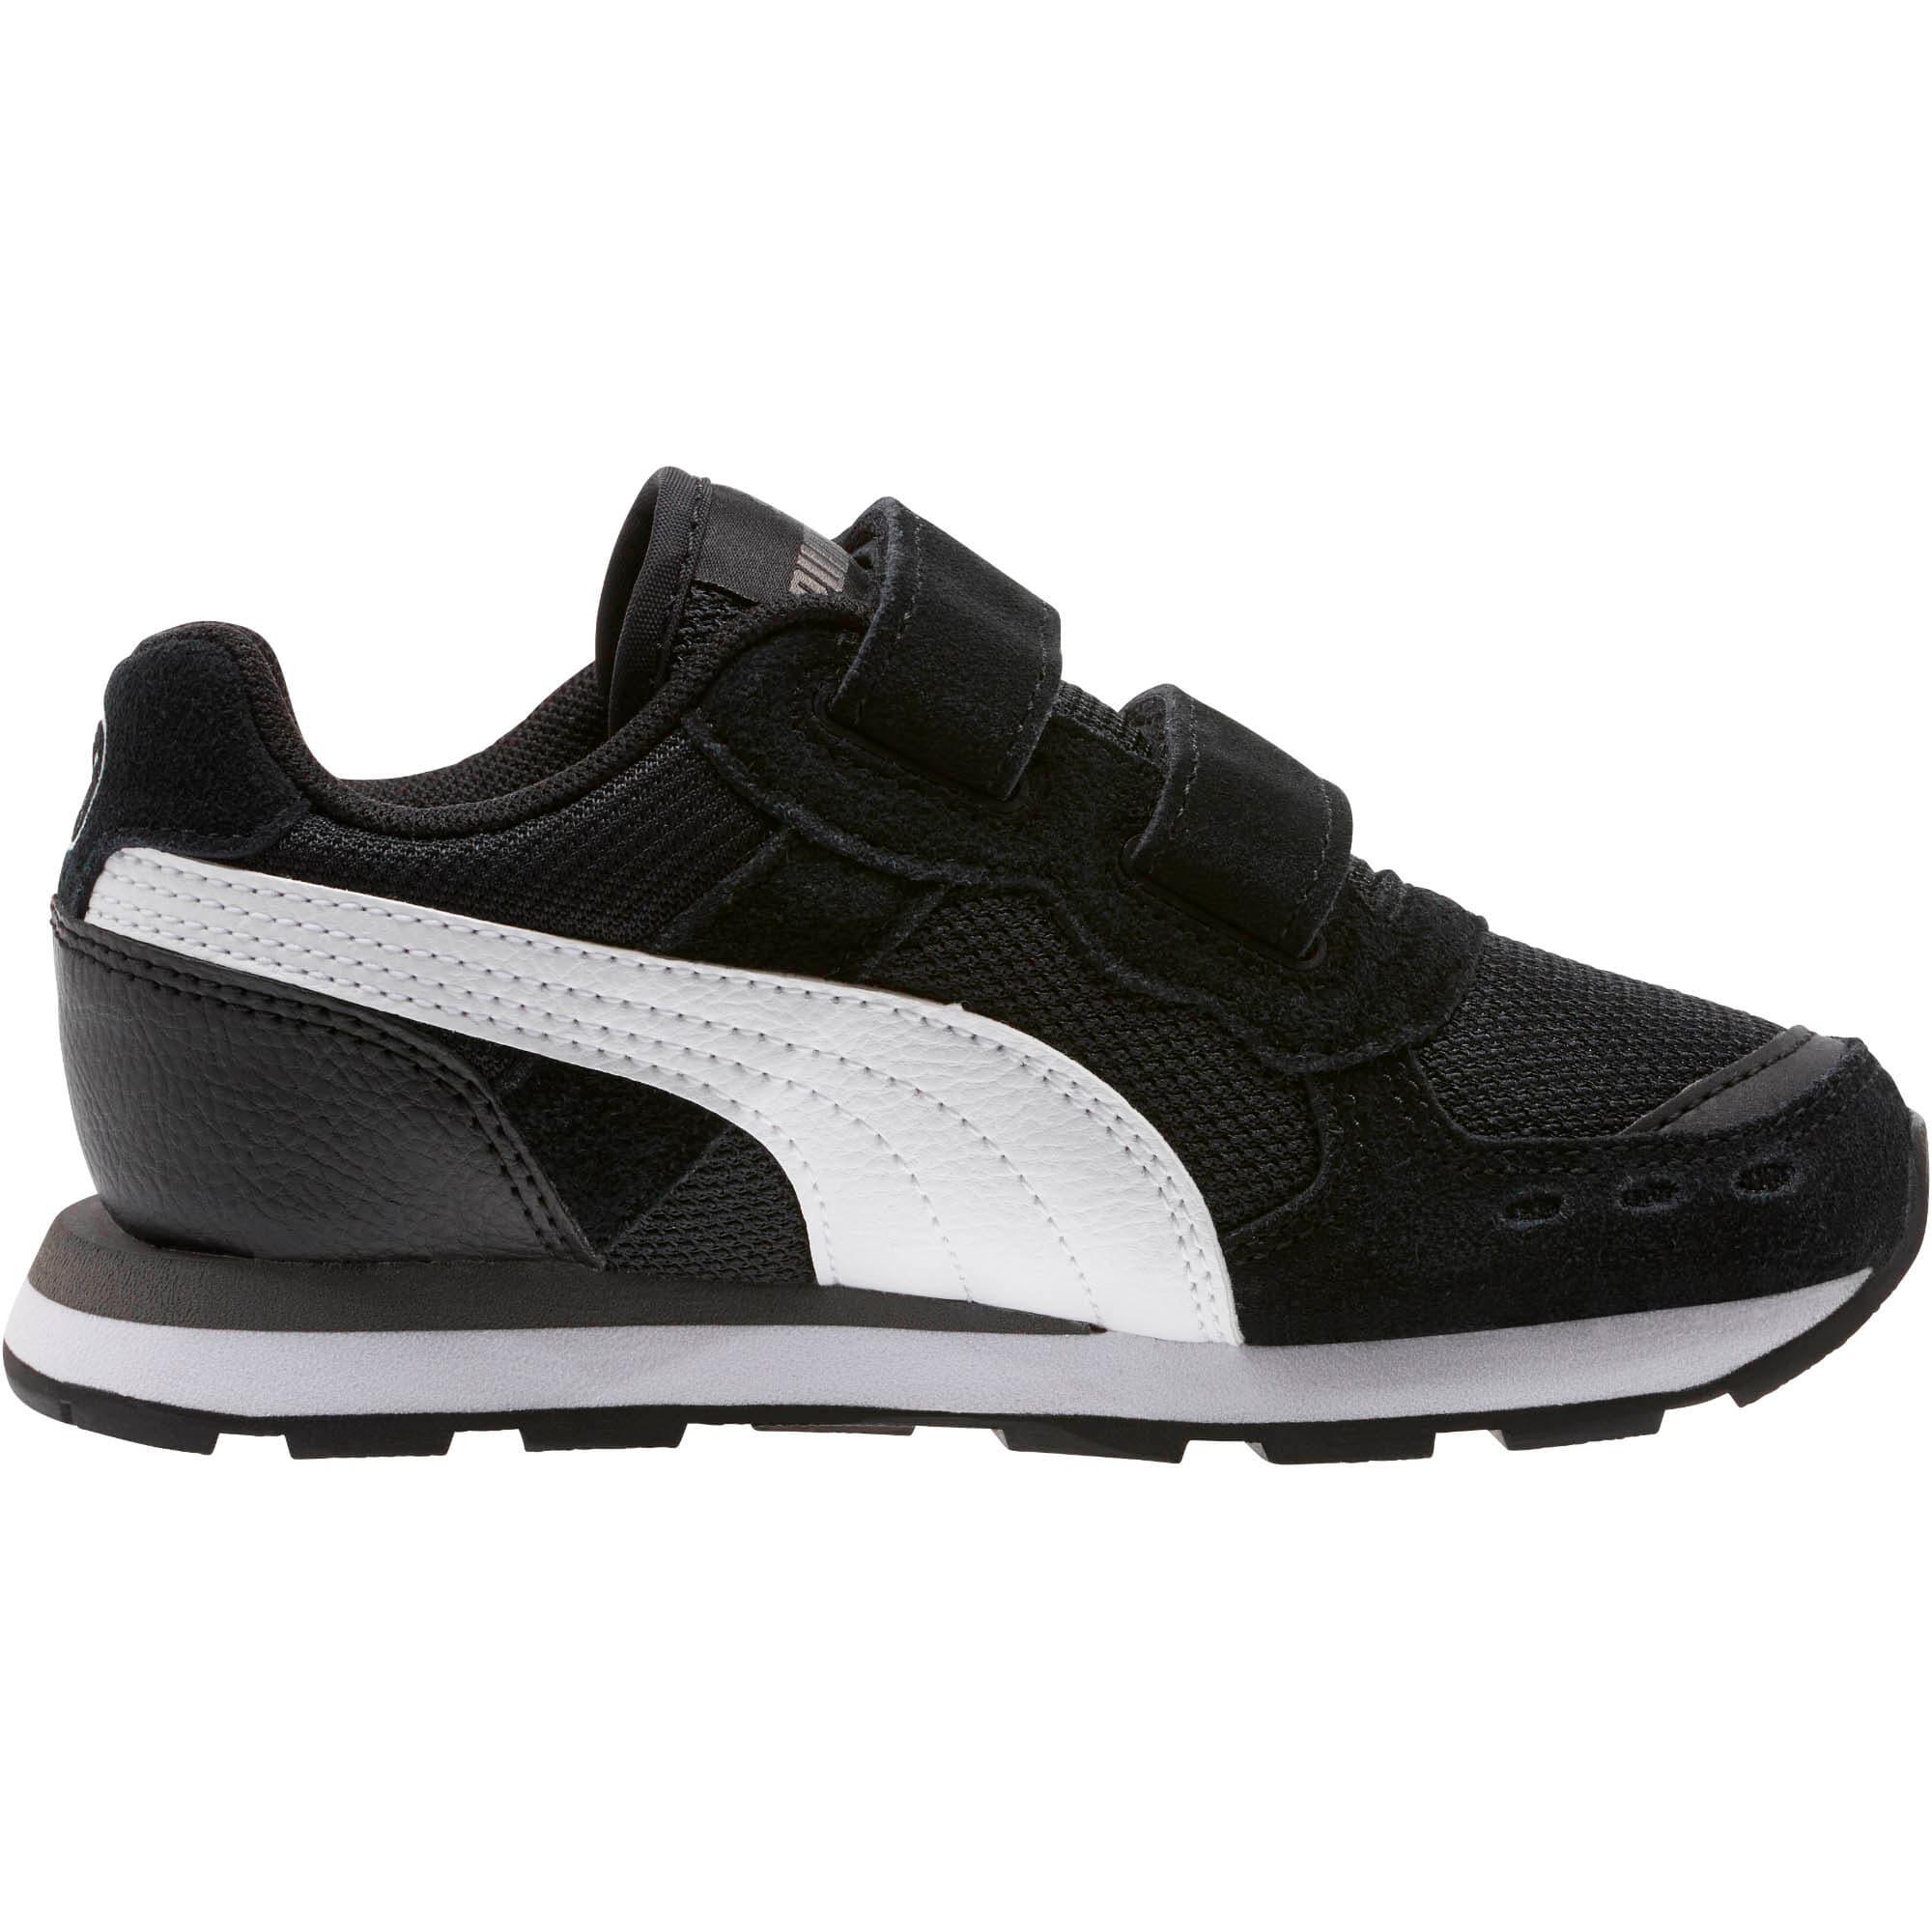 Miniatura 3 de Zapatos Vista para niños, Puma Black-Puma White, mediano